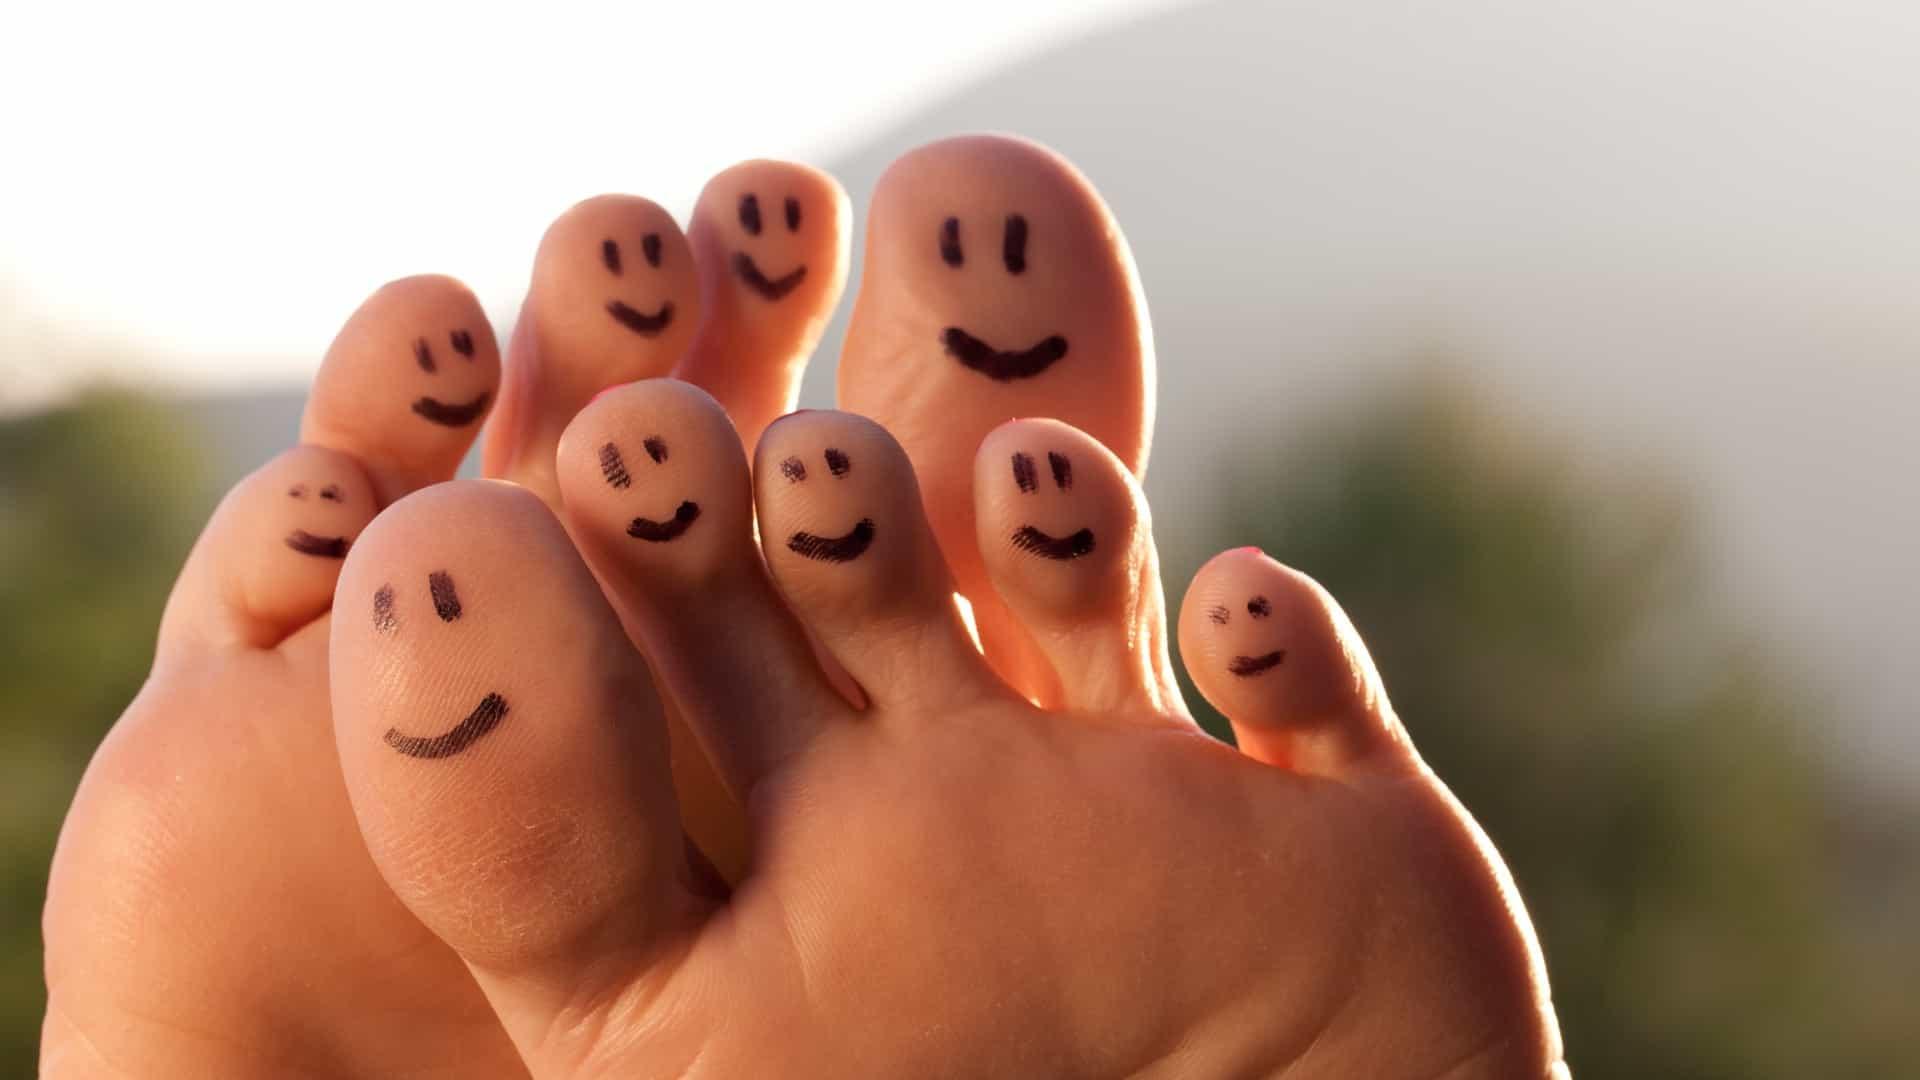 Phẫu thuật ngón chân bị bỏng hết bao nhiêu?